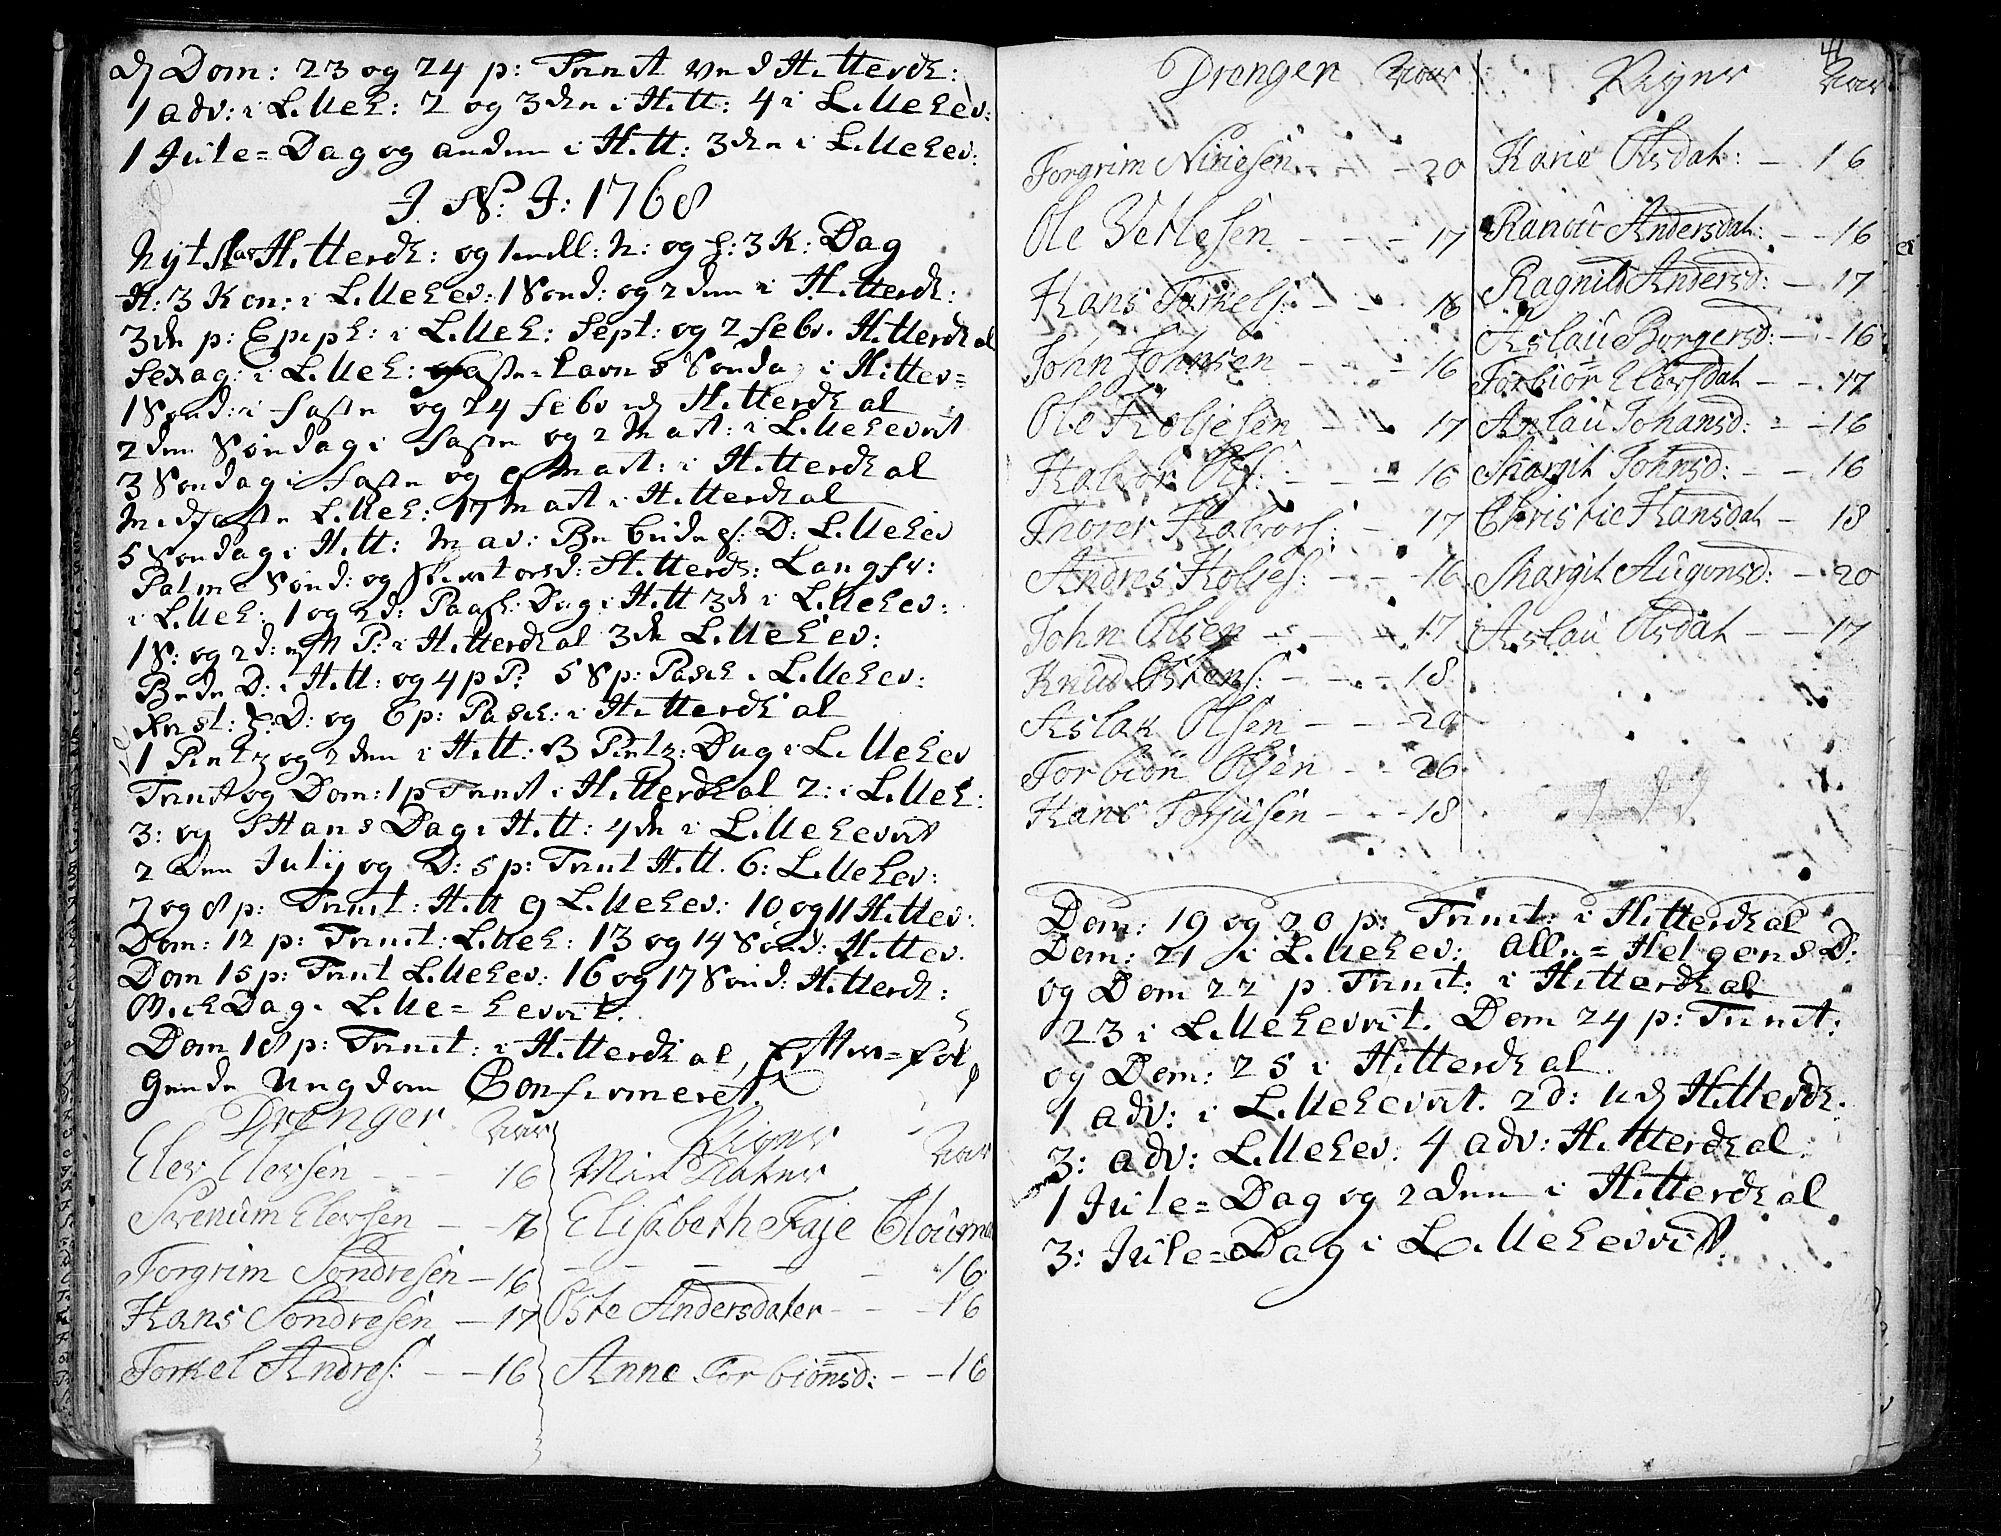 SAKO, Heddal kirkebøker, F/Fa/L0003: Ministerialbok nr. I 3, 1723-1783, s. 41